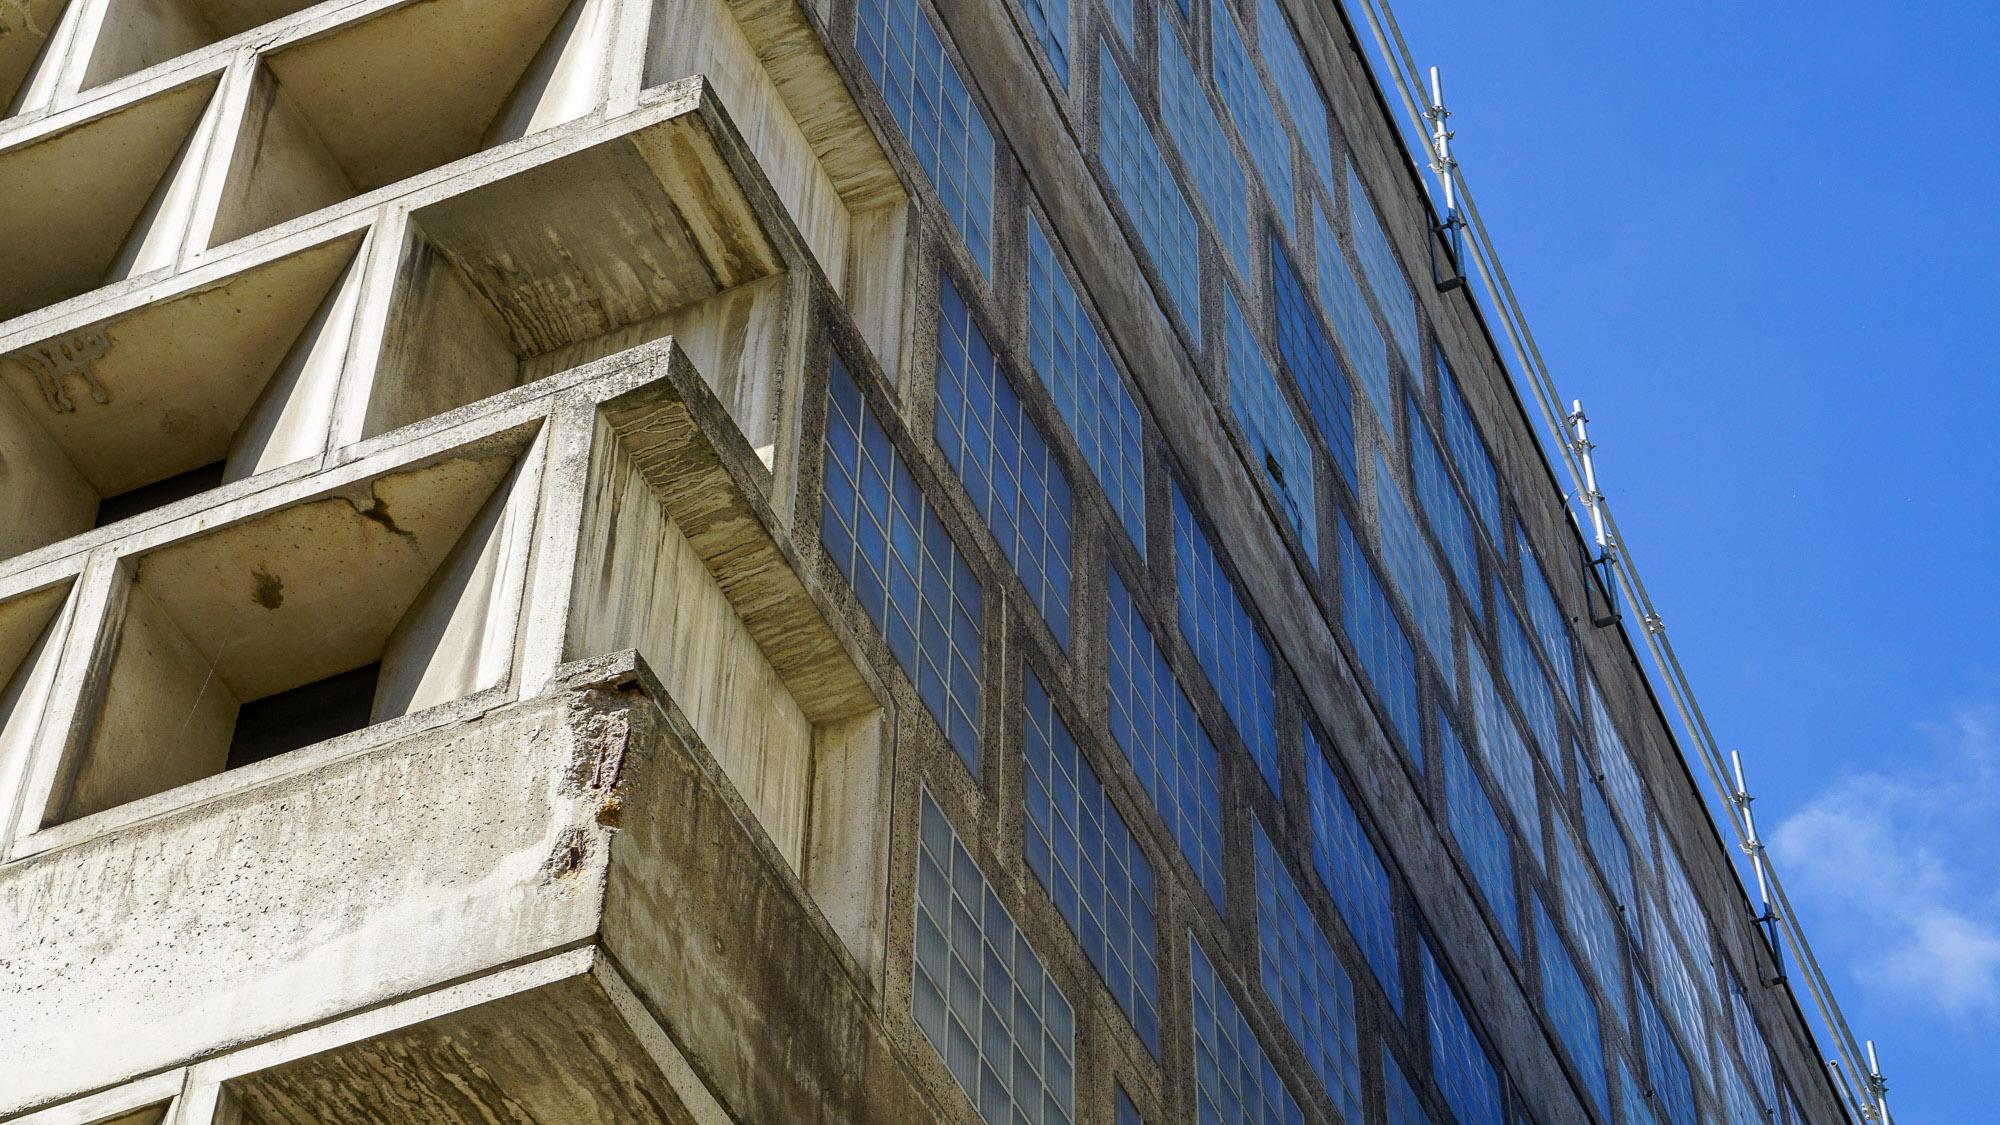 Fassadendetail der Universitätsbibliothek